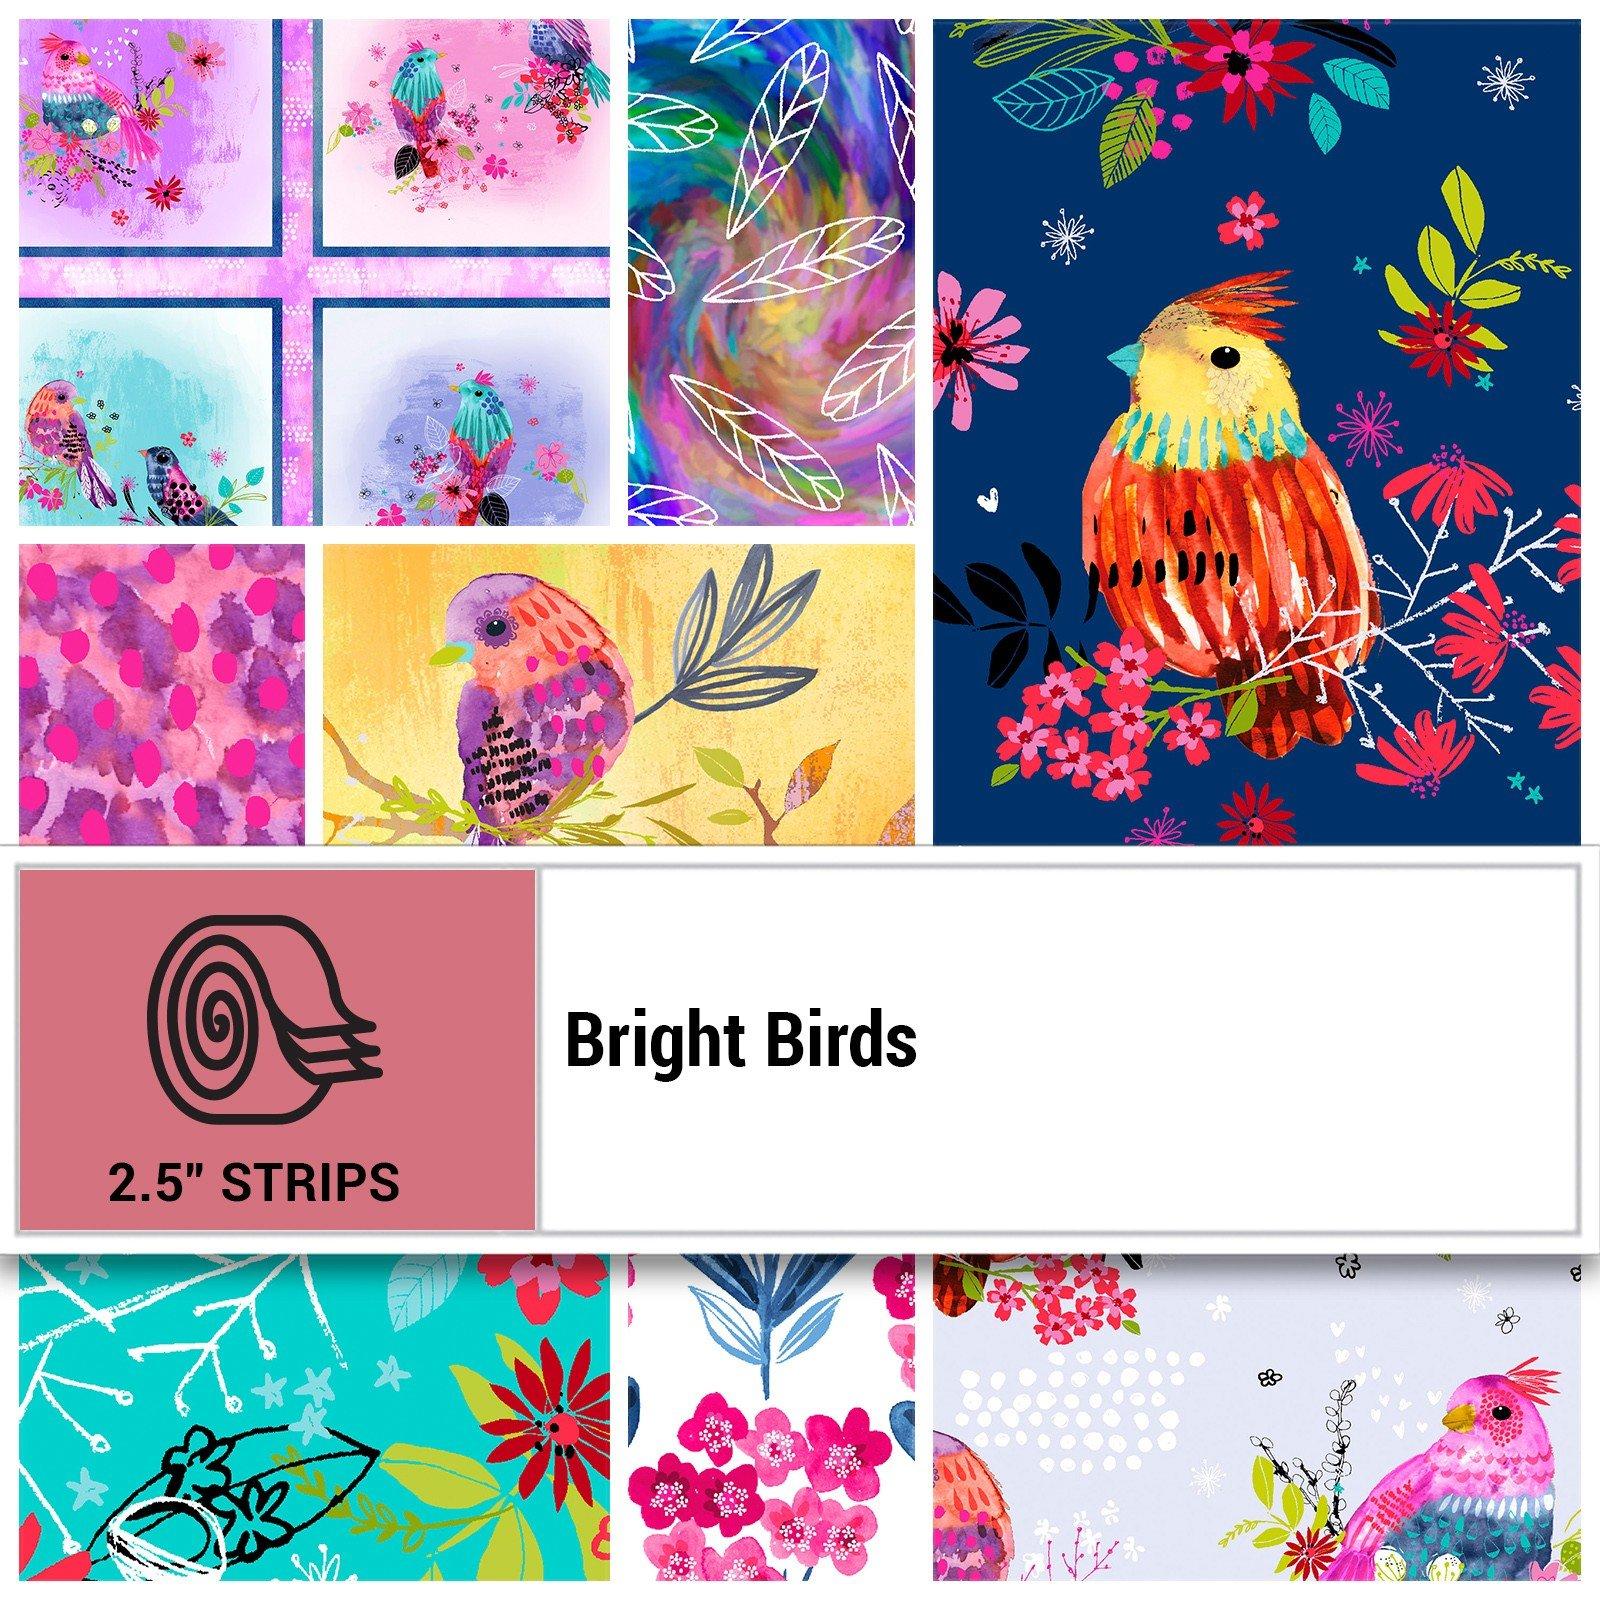 Bright Birds Junior Jelly Roll